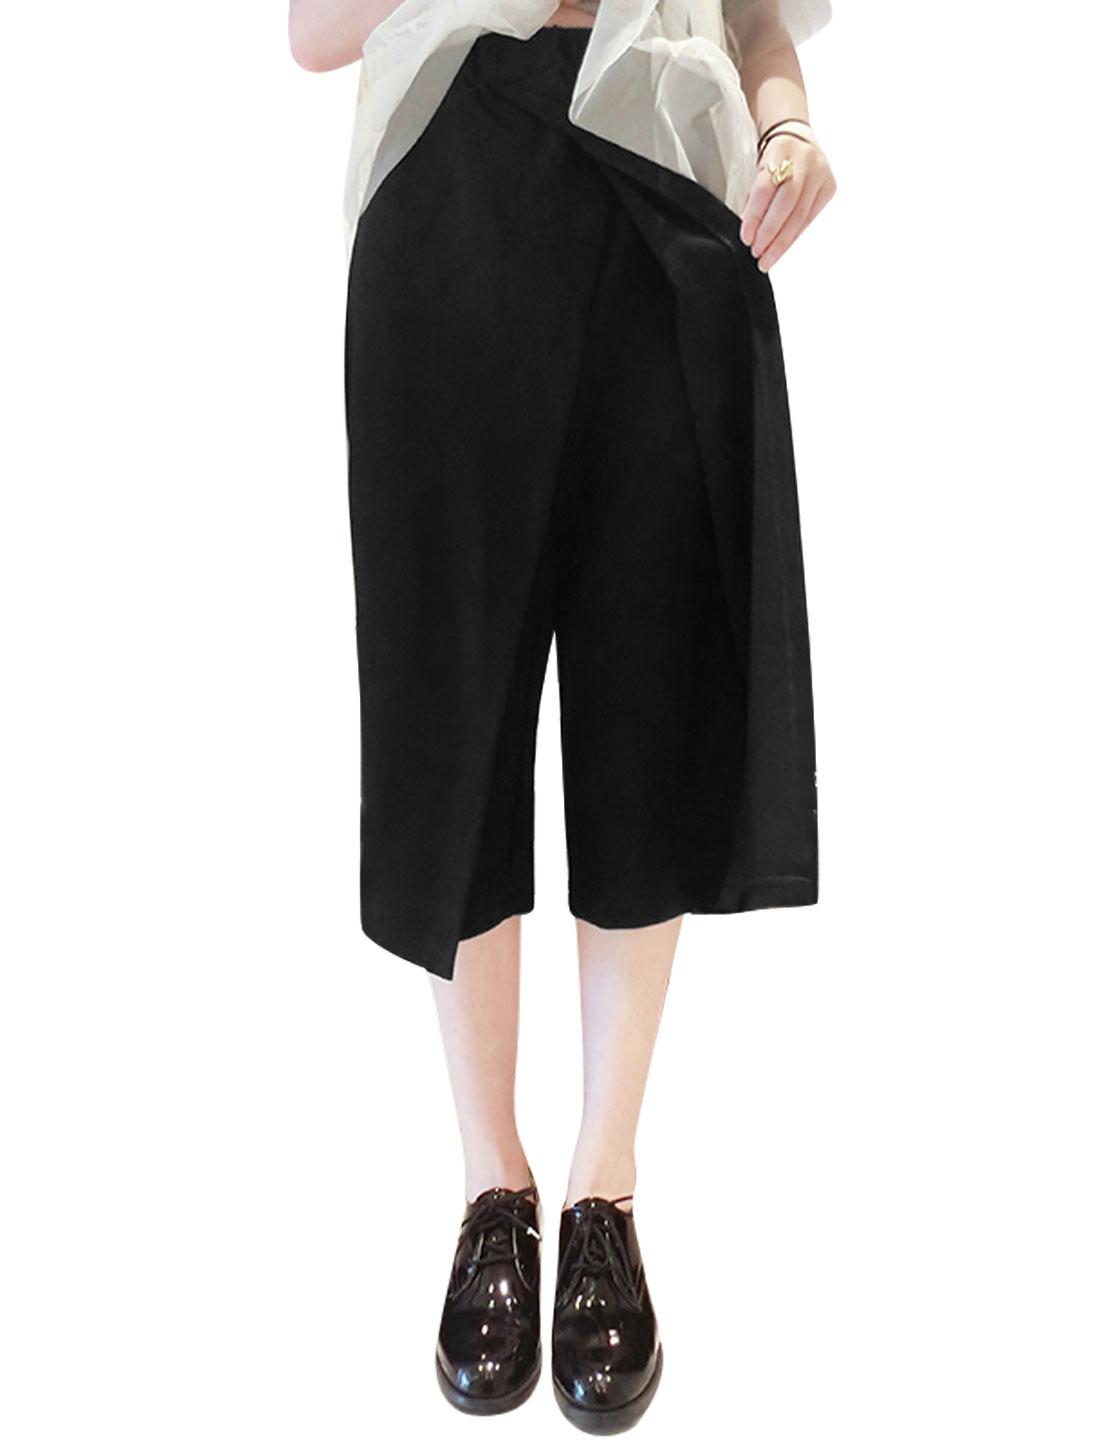 Woman Cross Front Wrap Elastic Waist Wide Leg Capris Pants Black XS